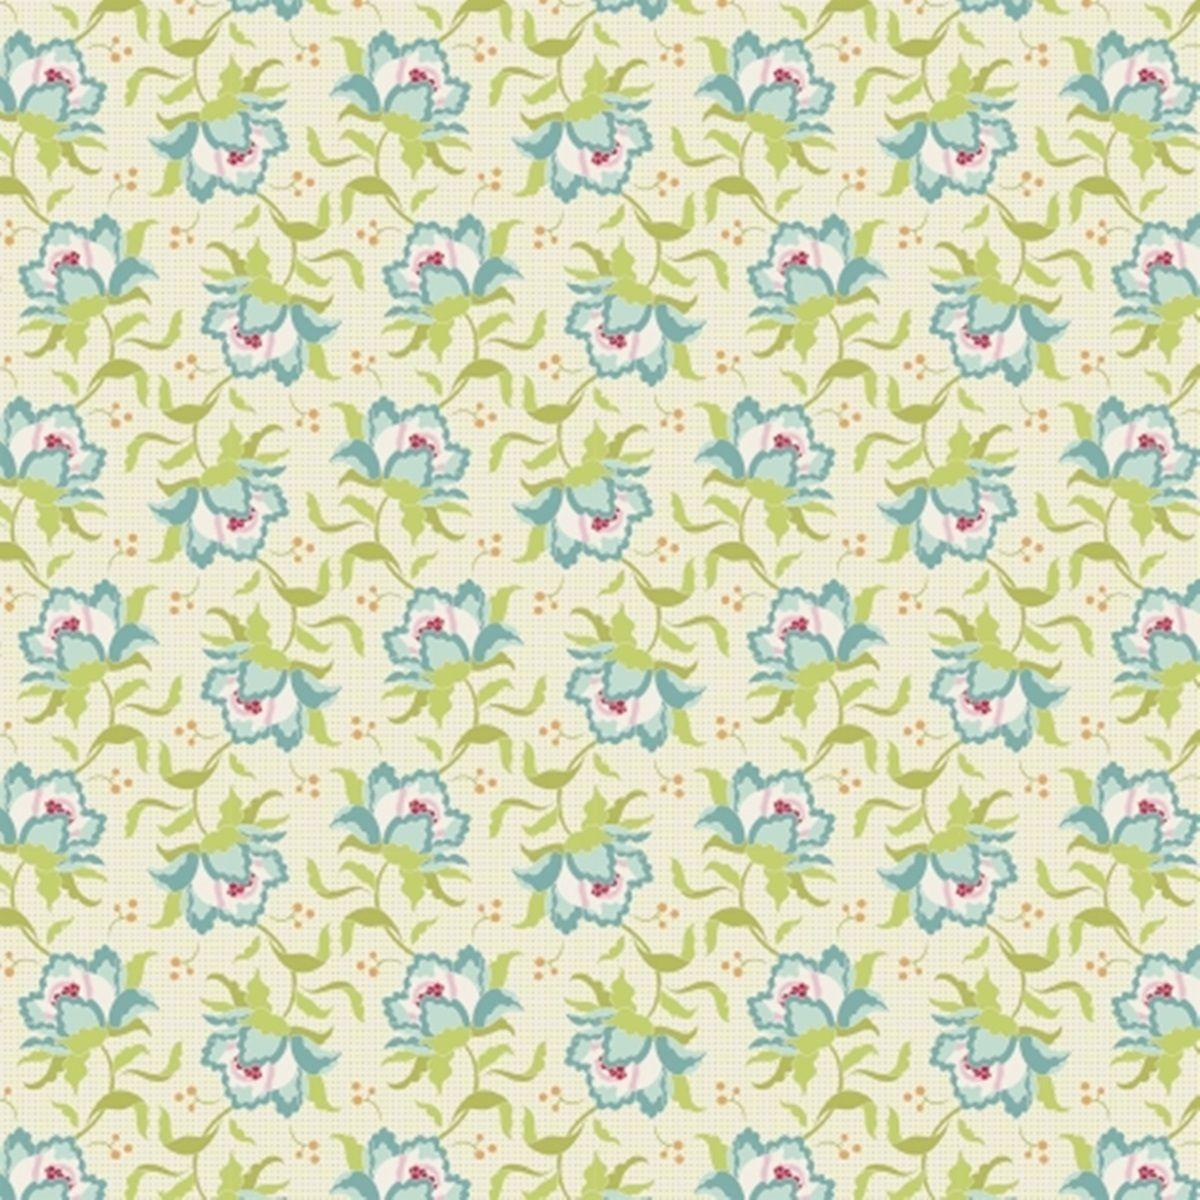 Ткань Tilda Clowne flower, в отрезе, 1 м х 110 см. 211481326211481326Все ткани из одной коллекции прекрасно подходят друг другу и, конечно, идеальны для шитья кукол Тильда и всевозможных зверушек в ее стиле. 100% хлопок дает усадку примерно на 6-7%.